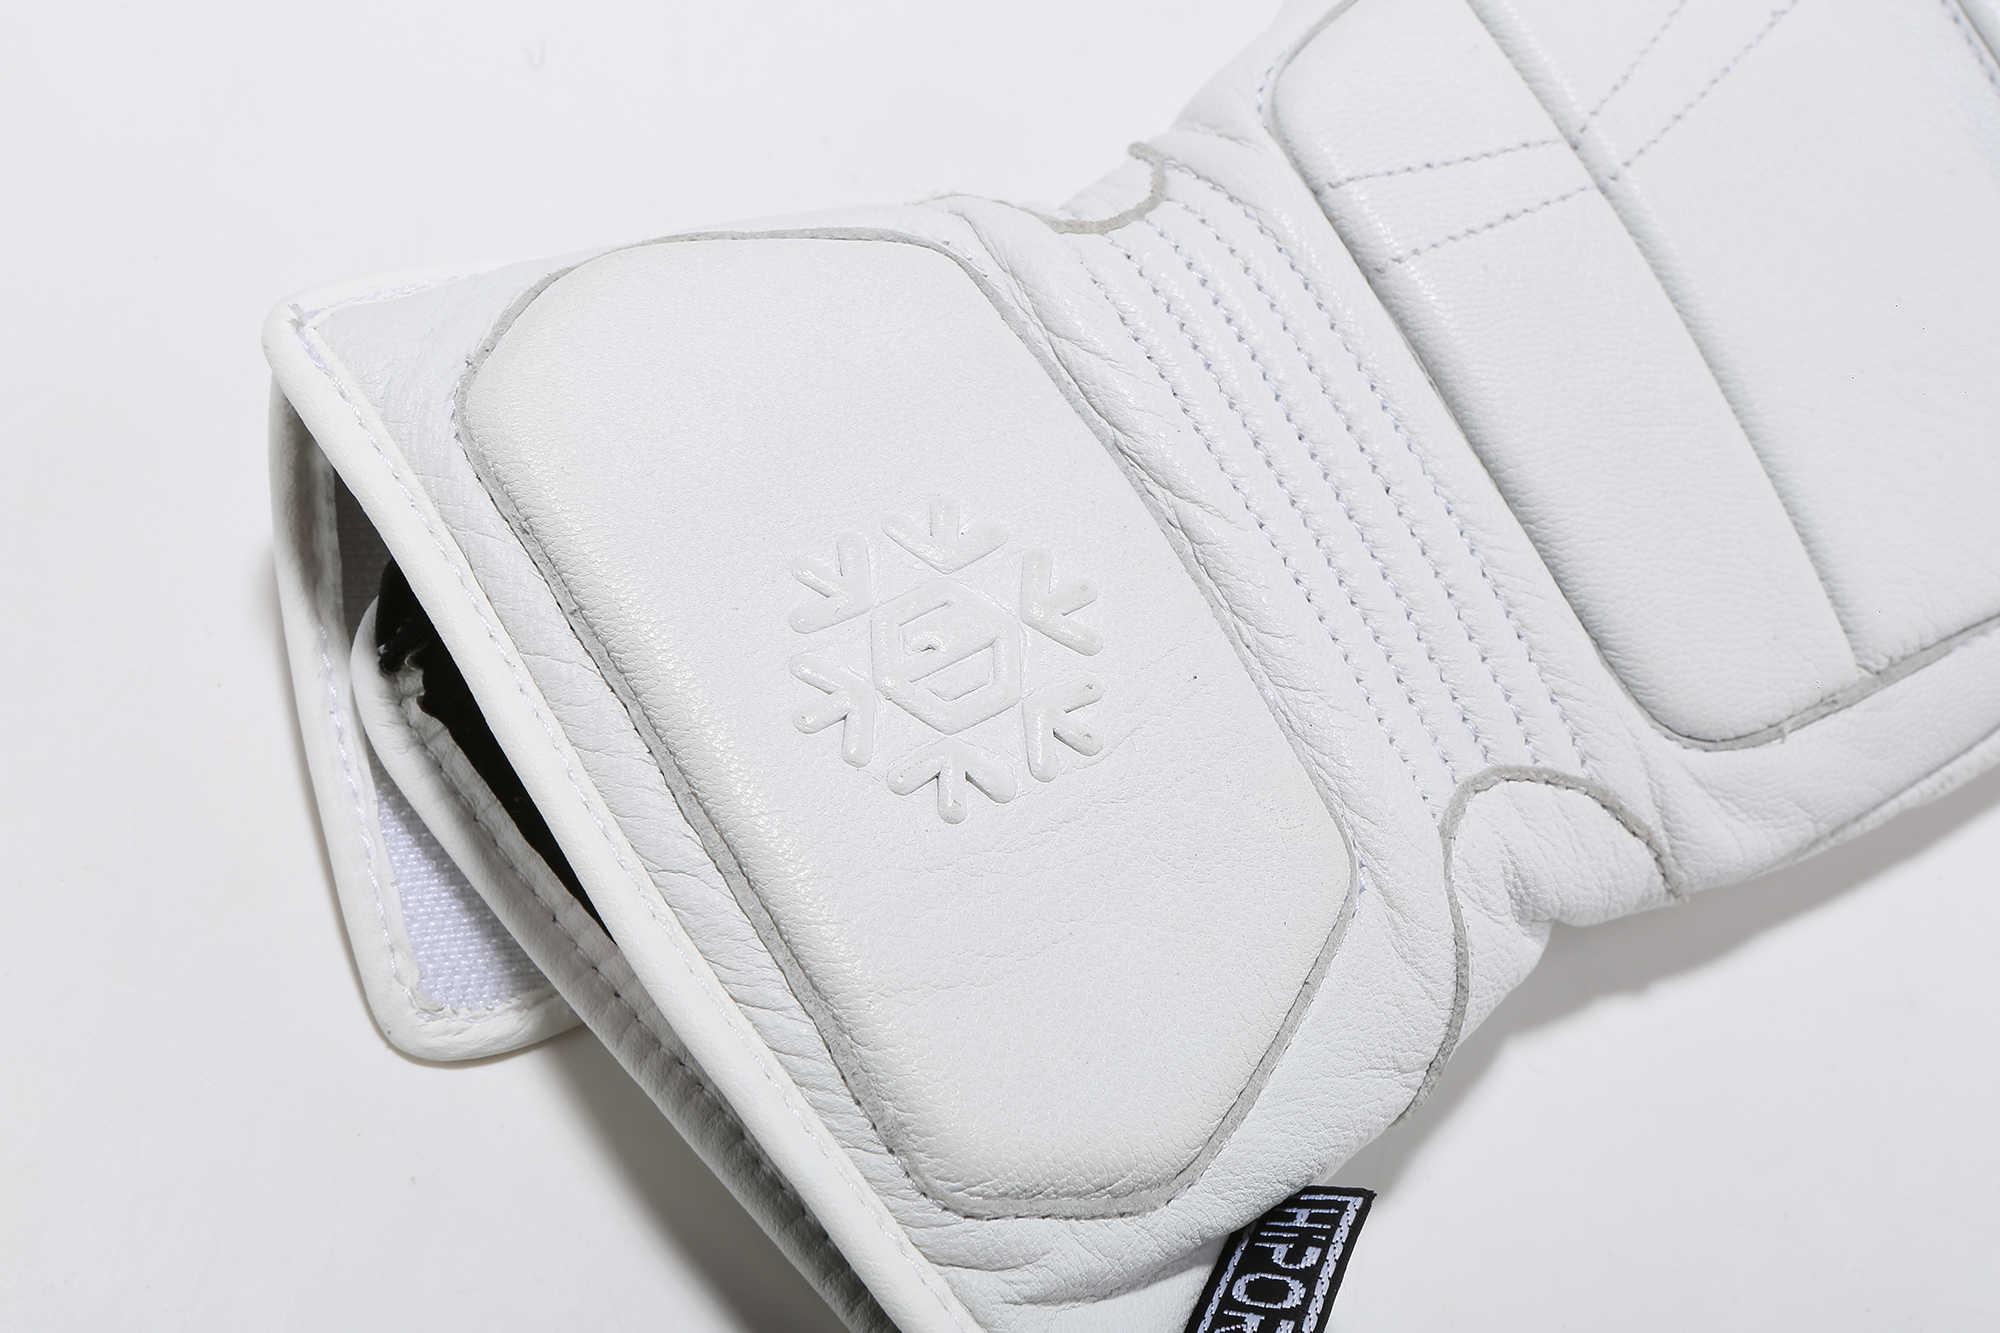 Keçi deri kayak eldivenleri LDSKI snowboard eldiveni başparmak parmak termal astar koruyucu yastıklı deri doğa kapma